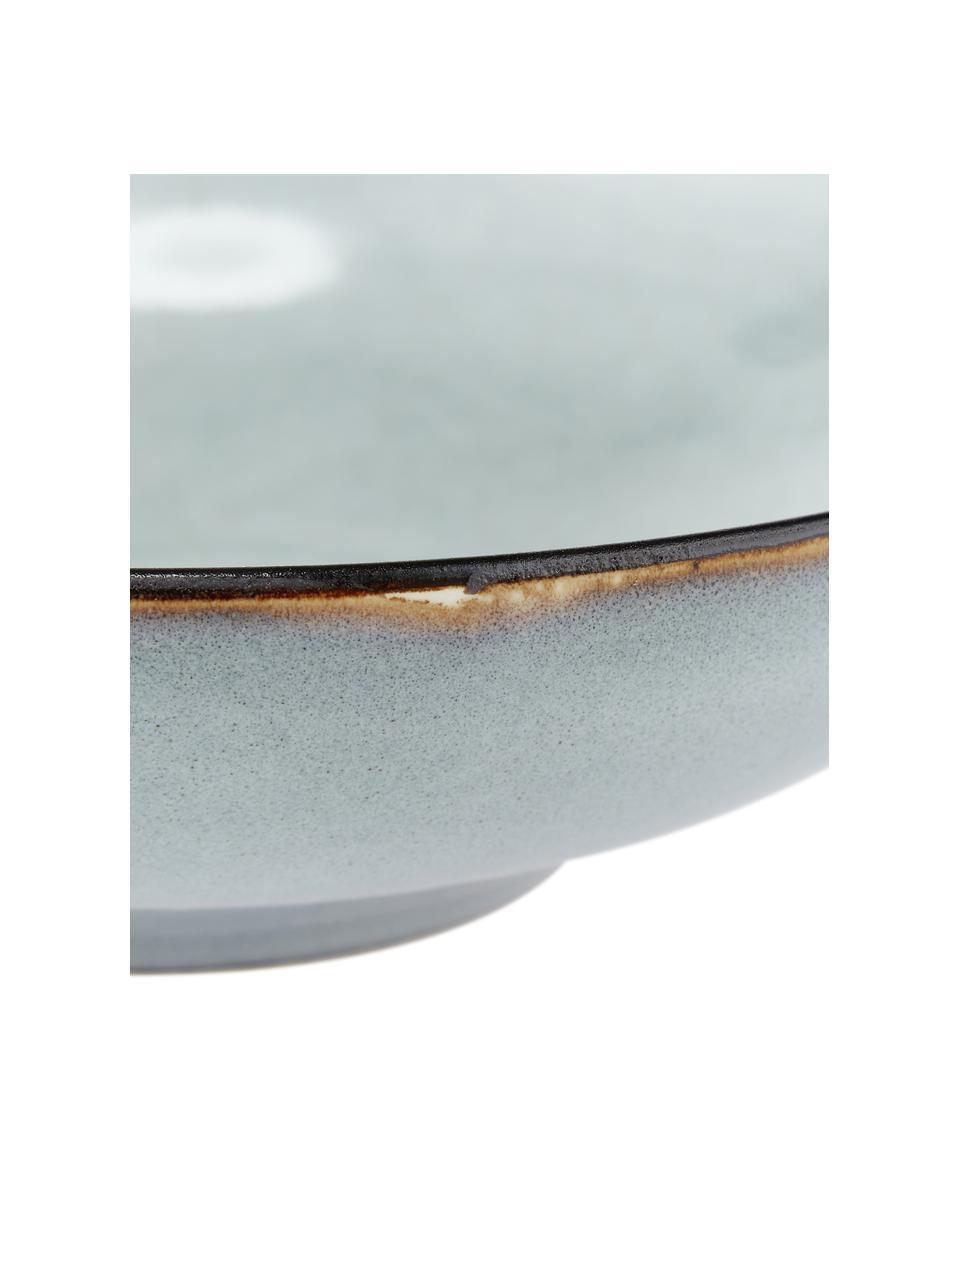 Handgemachte Steingut-Suppenteller Thalia in Blaugrau, 2 Stück, Steingut, Grau, Ø 22 x H 6 cm